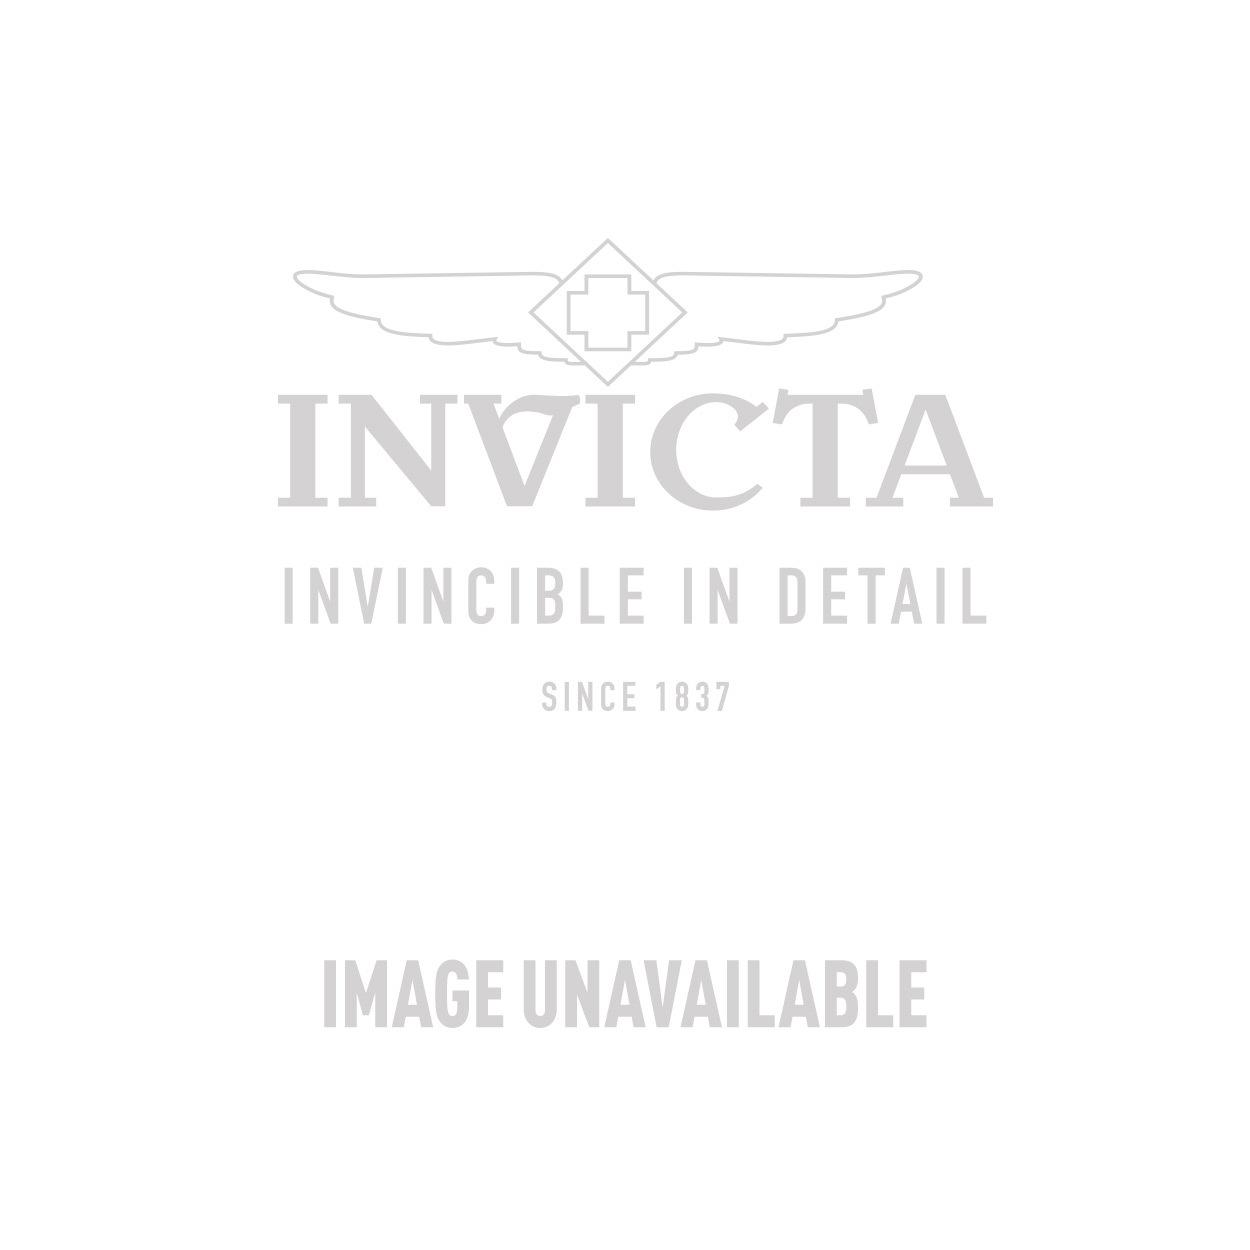 Invicta Model 28919